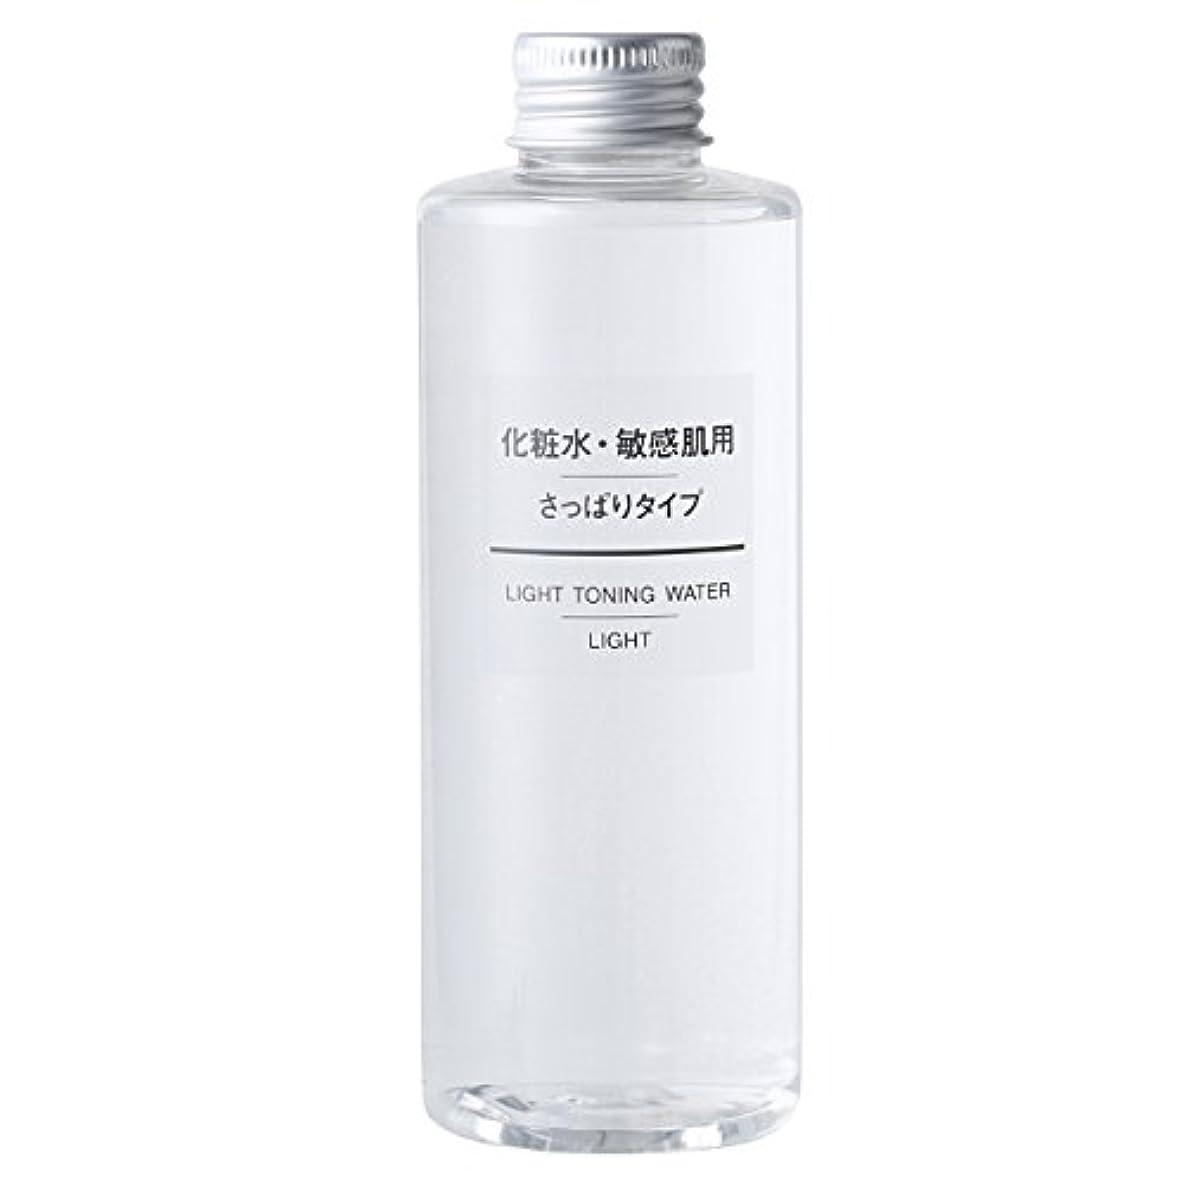 感じる申し立て温室無印良品 化粧水?敏感肌用?さっぱりタイプ 200mL